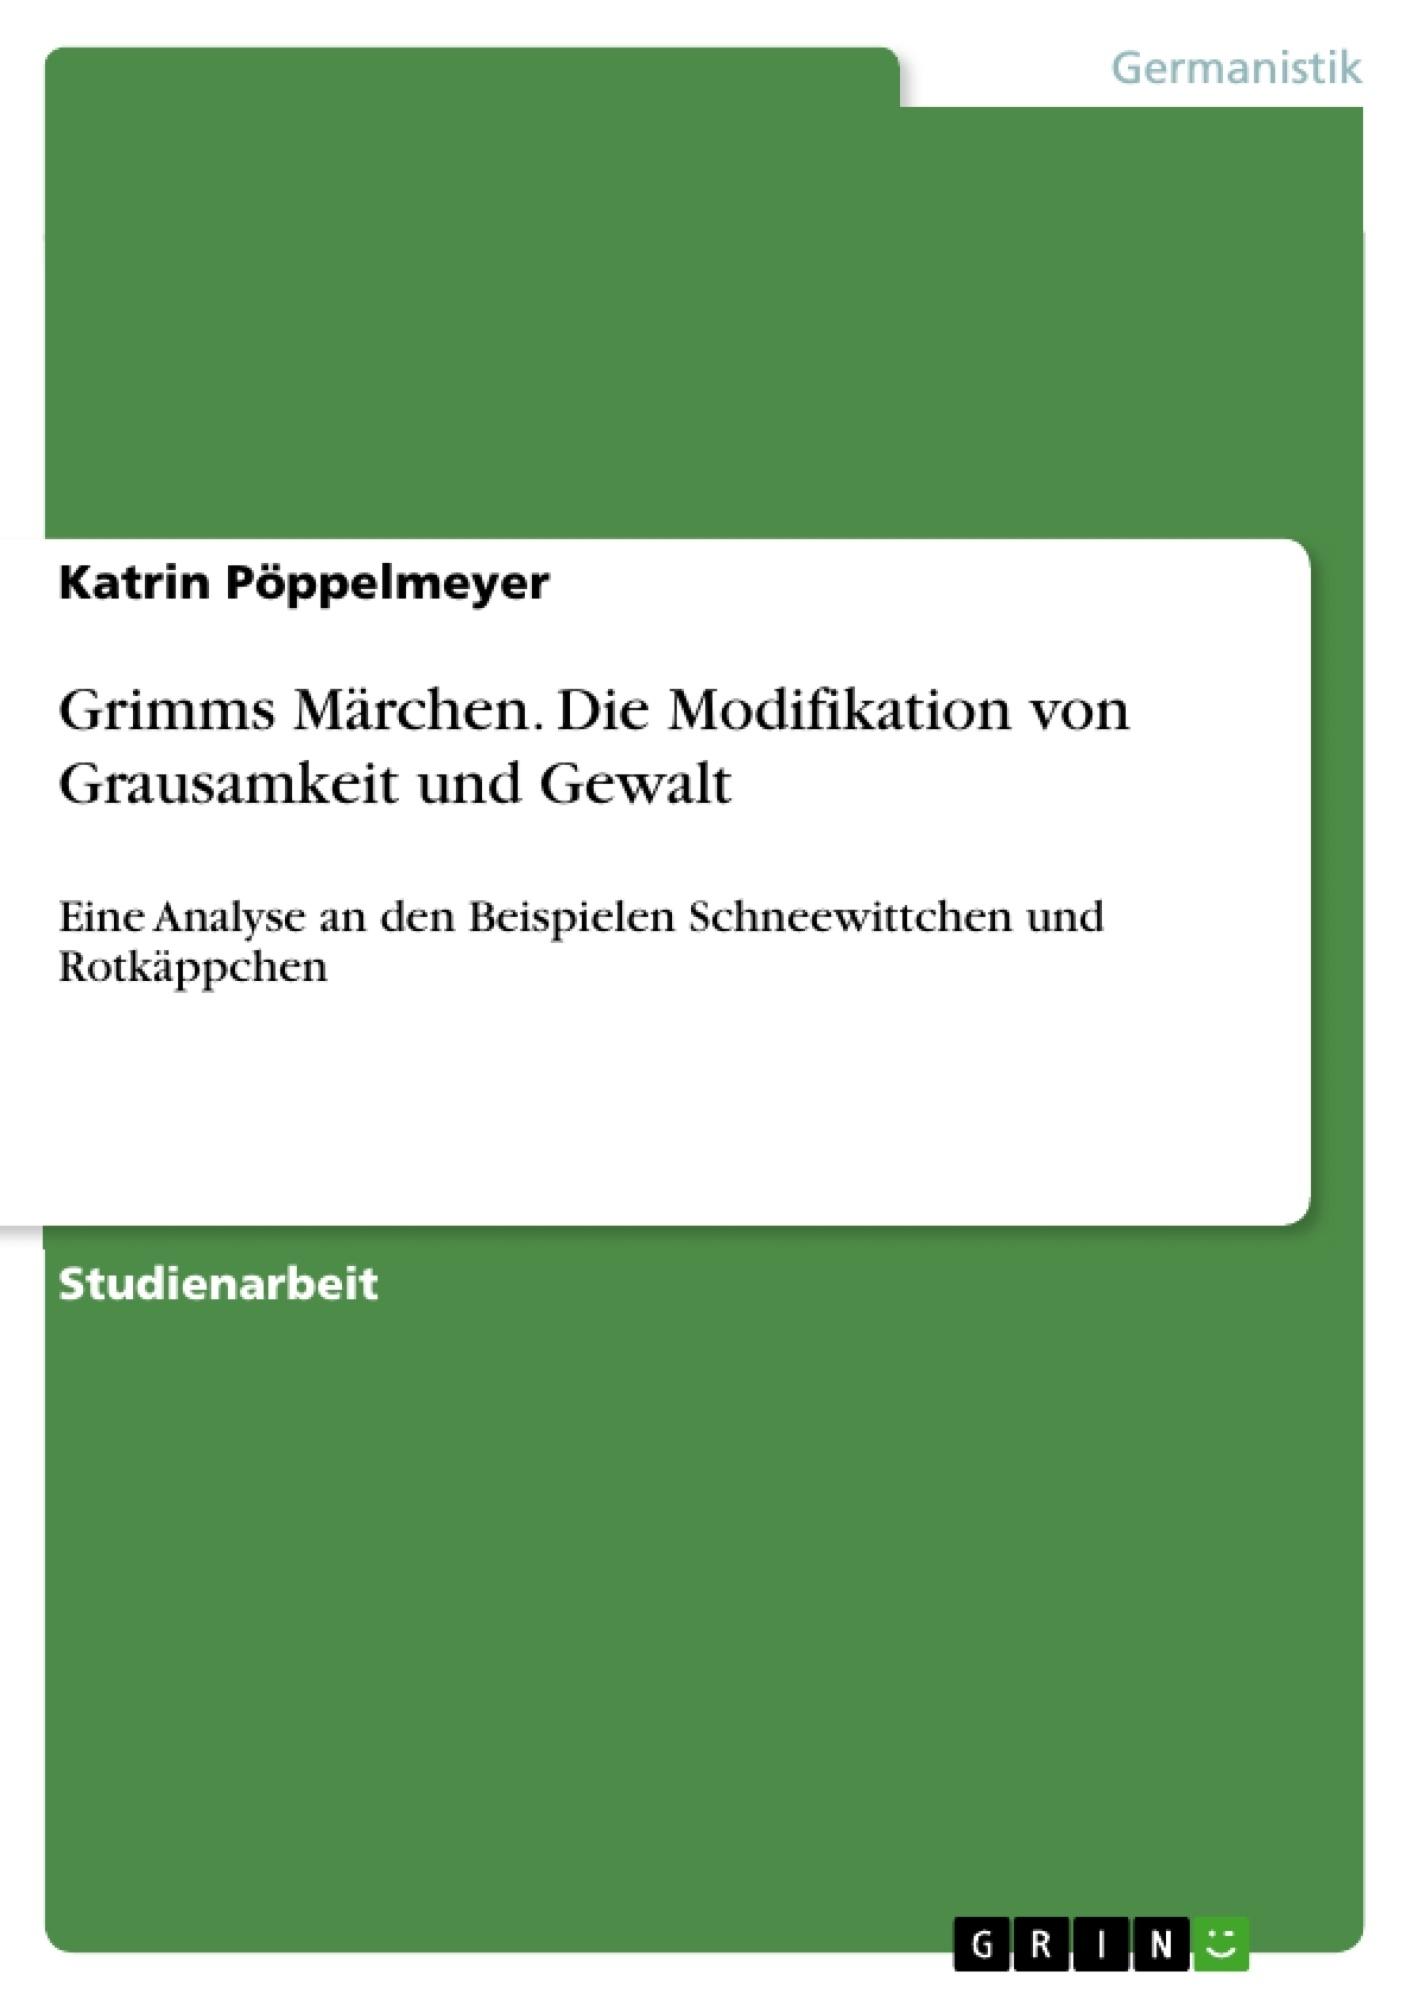 Titel: Grimms Märchen. Die Modifikation von Grausamkeit und Gewalt